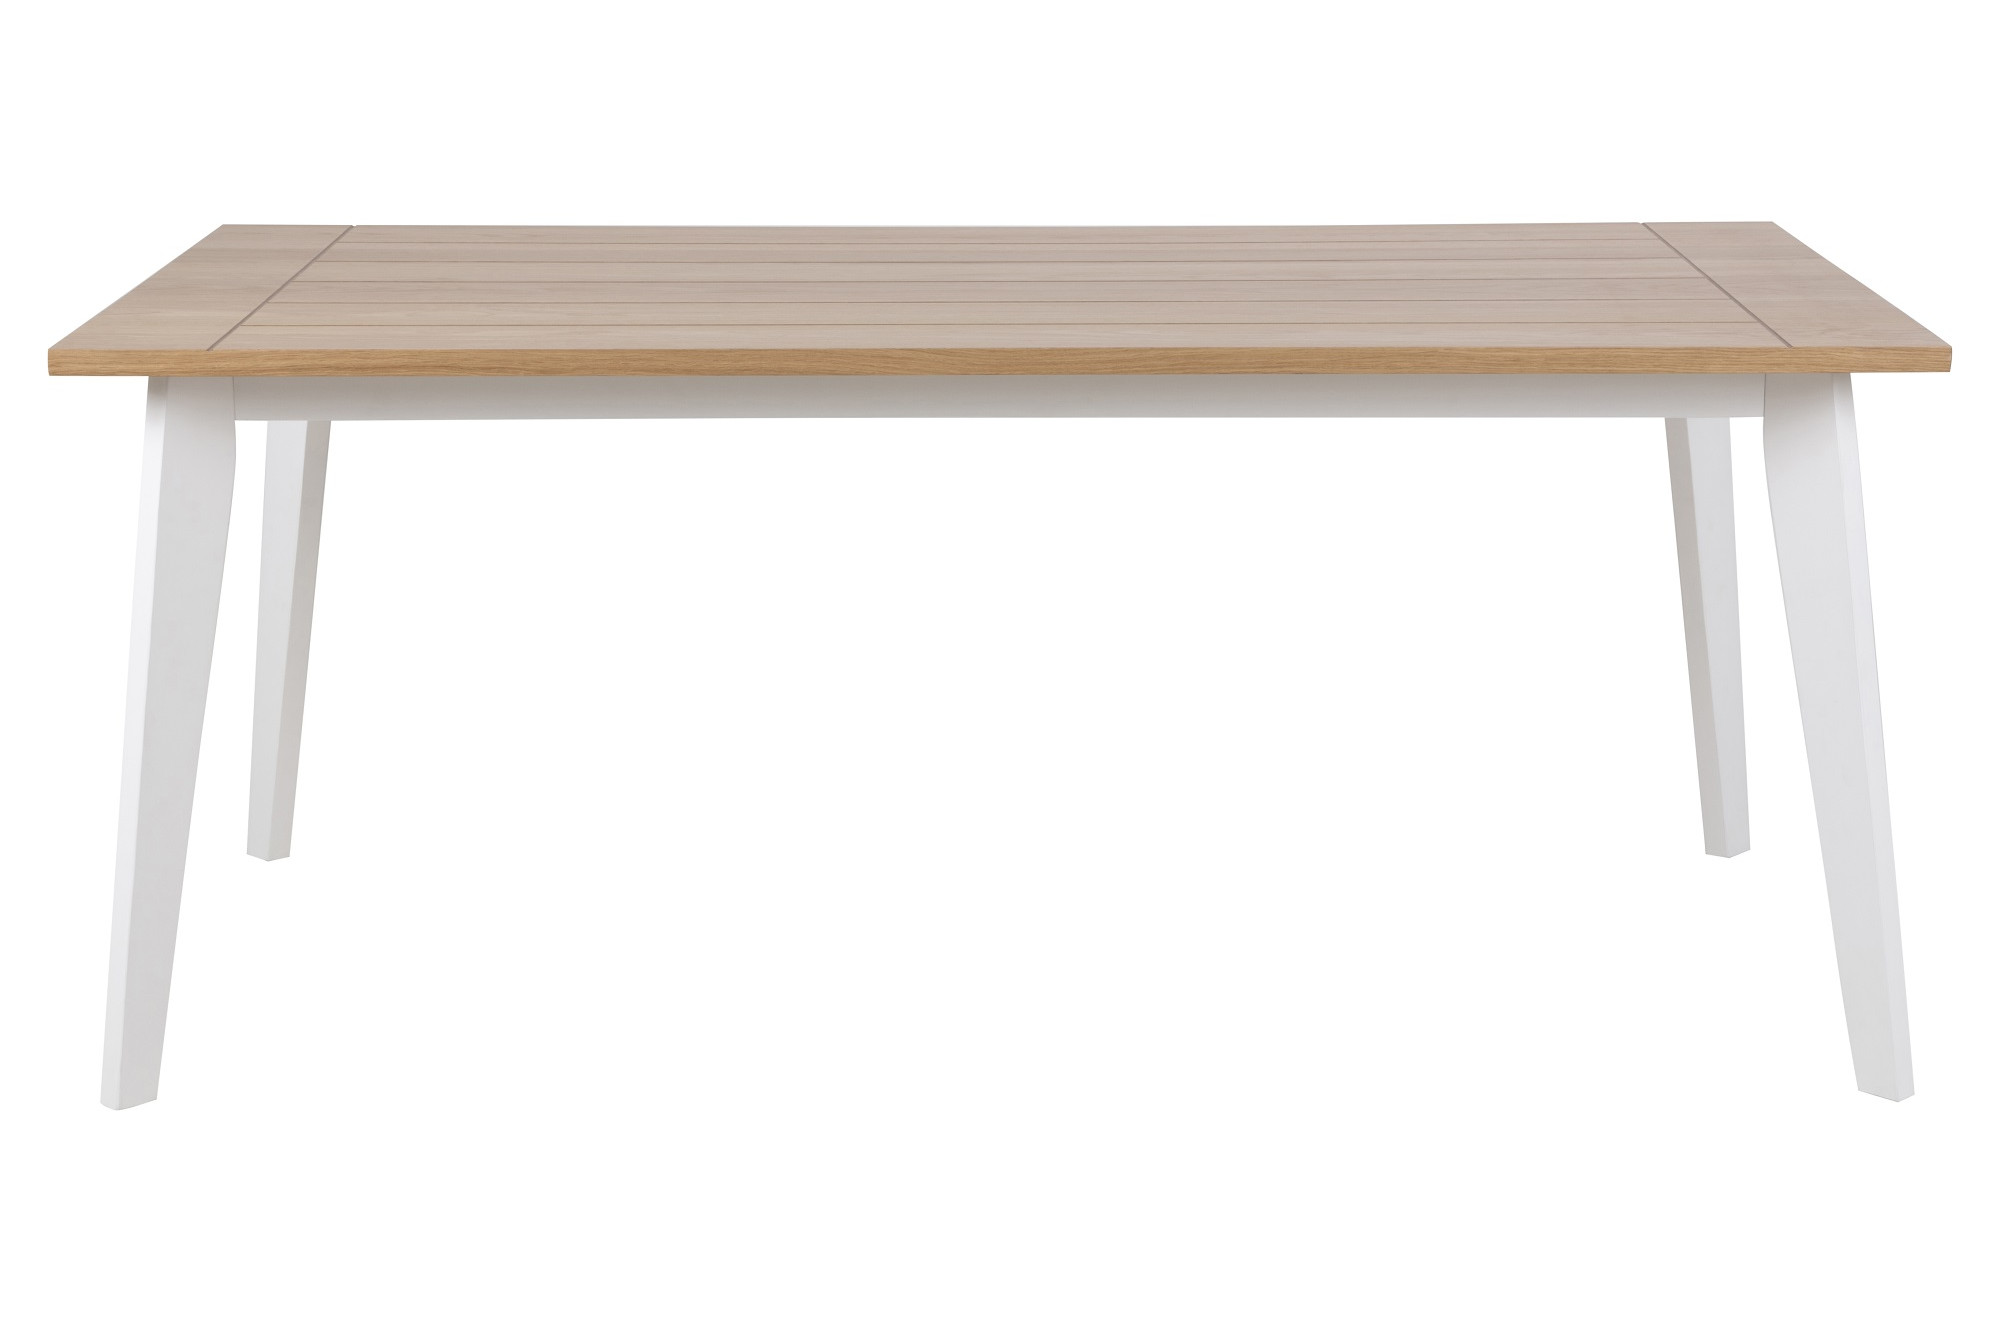 Table Blanche Pied Bois table en bois clair et blanche - hellin